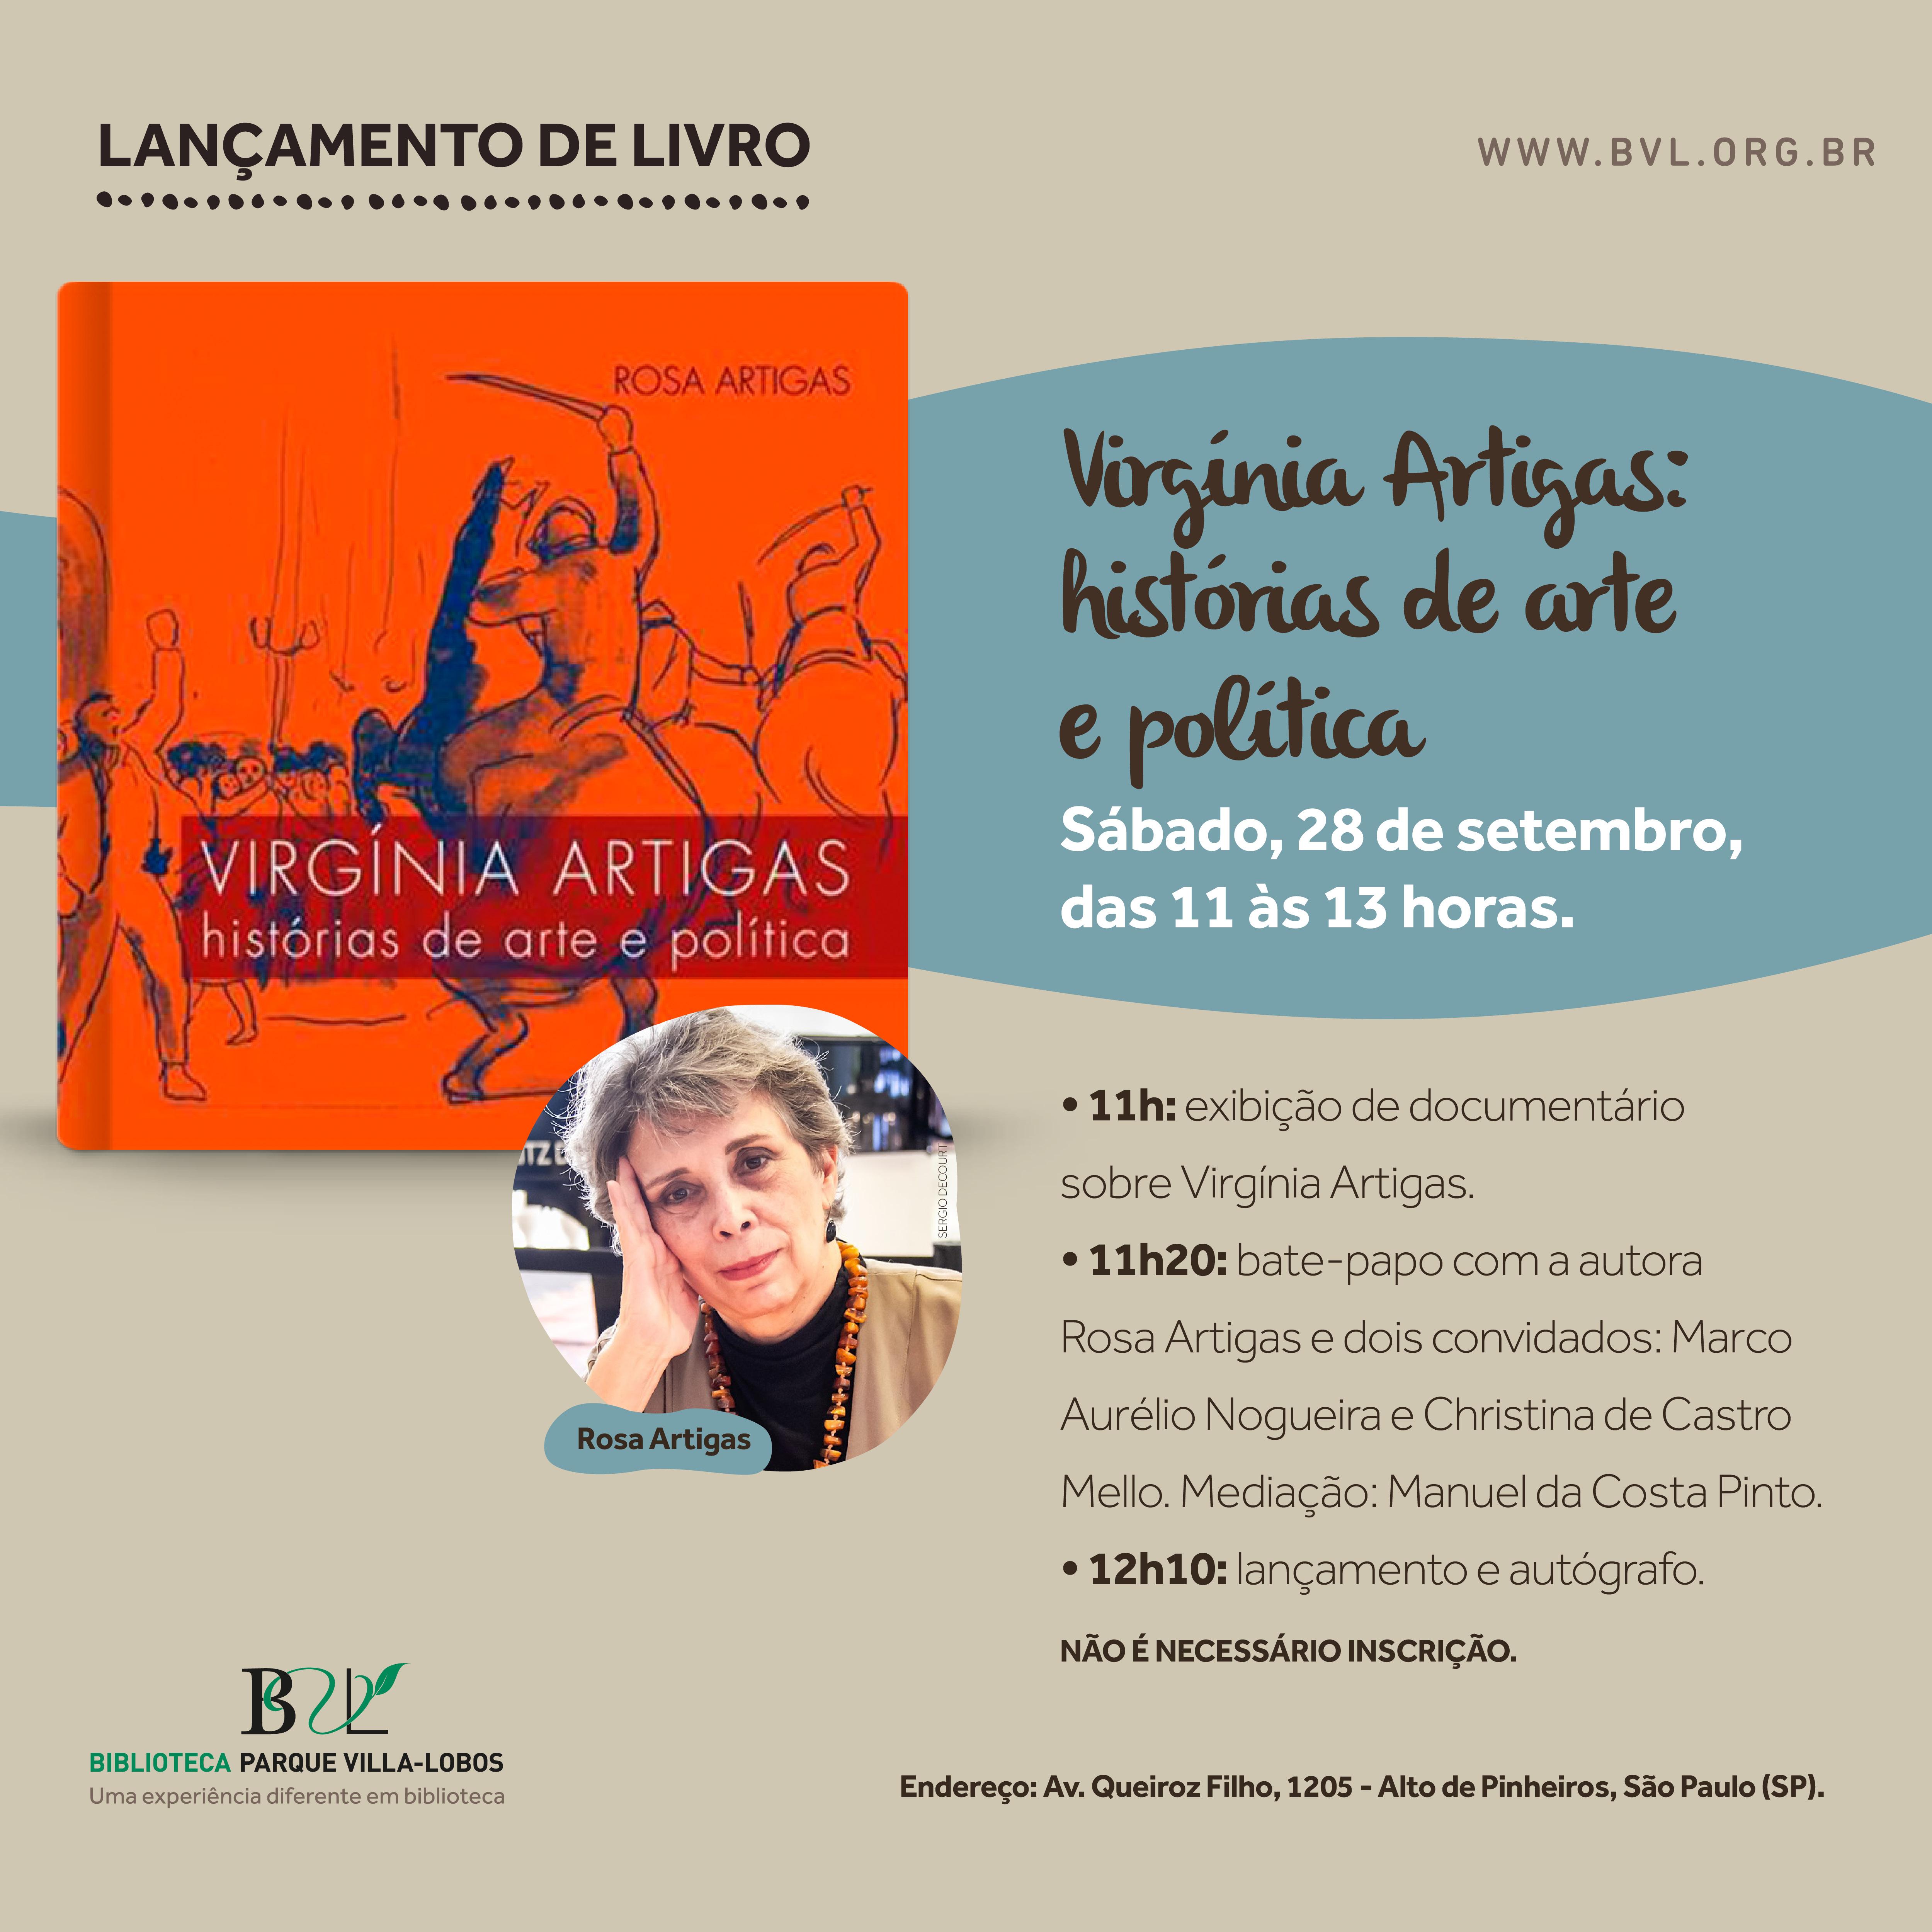 Lançamento do livro Virgínia Artigas - histórias de arte e política